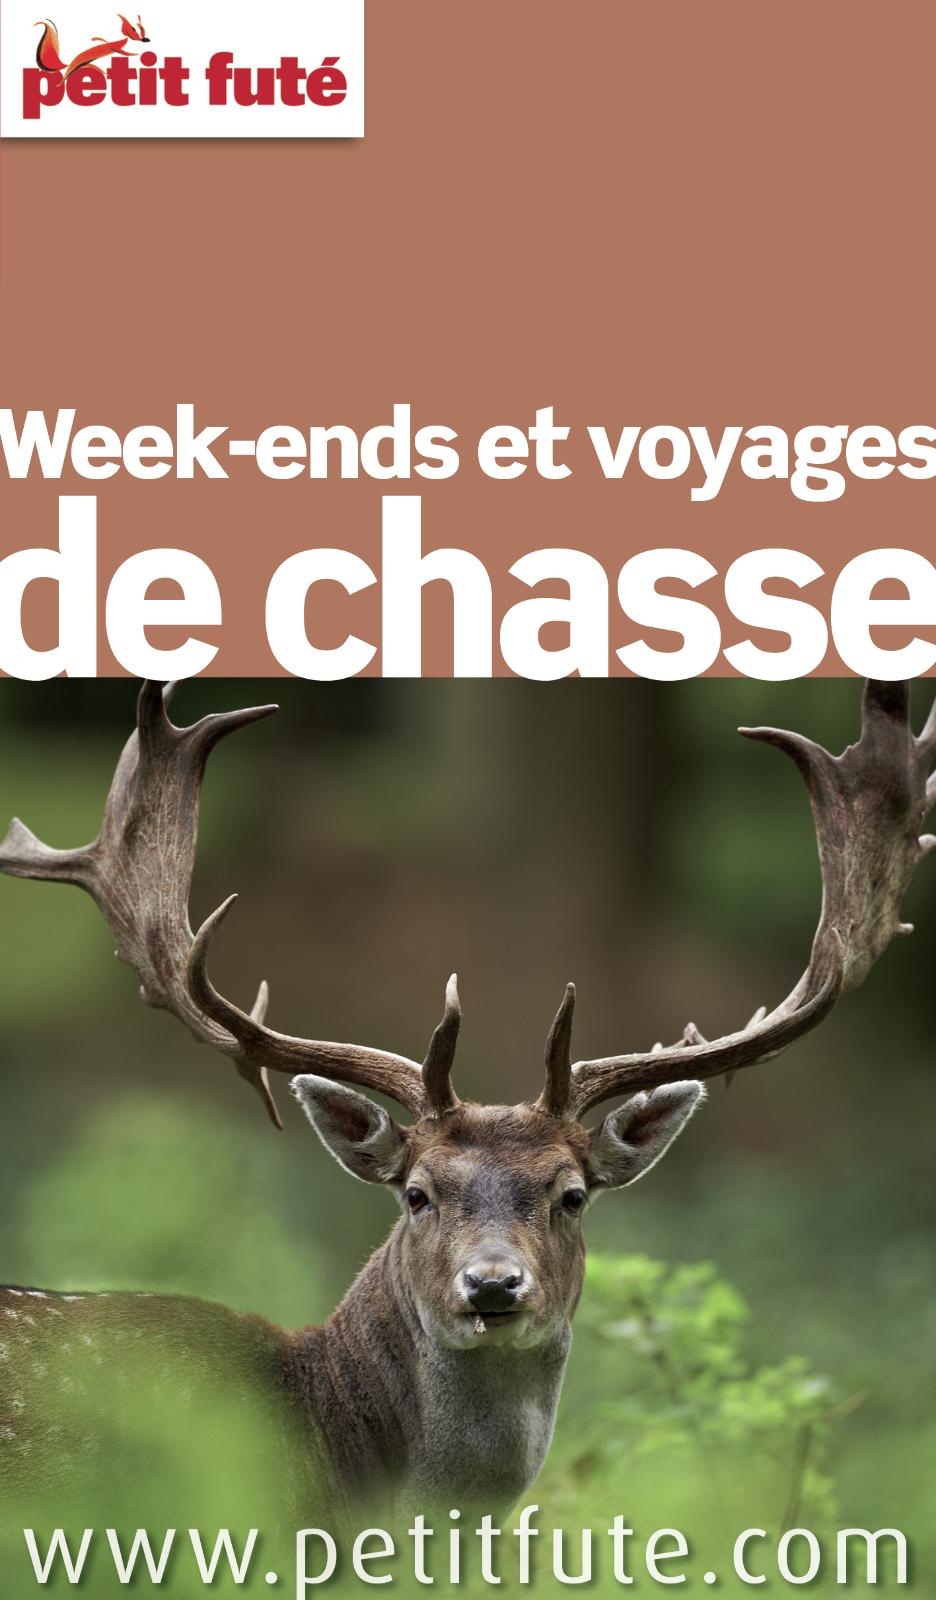 Week-ends de chasse 2015 Petit Fut?